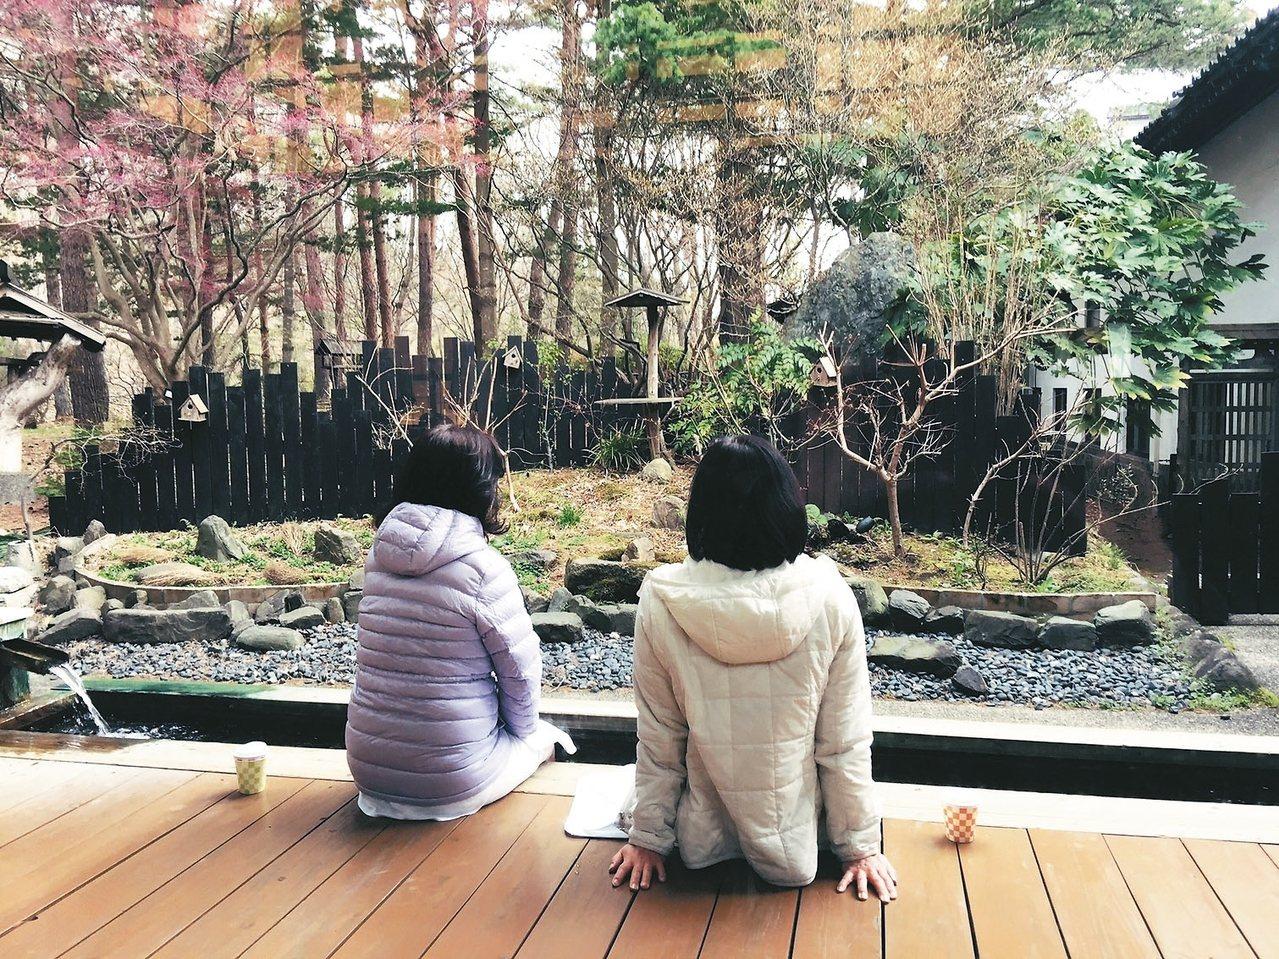 青森屋的遊客愜意地泡著足湯。 記者錢欽青/攝影 圖/業者提供